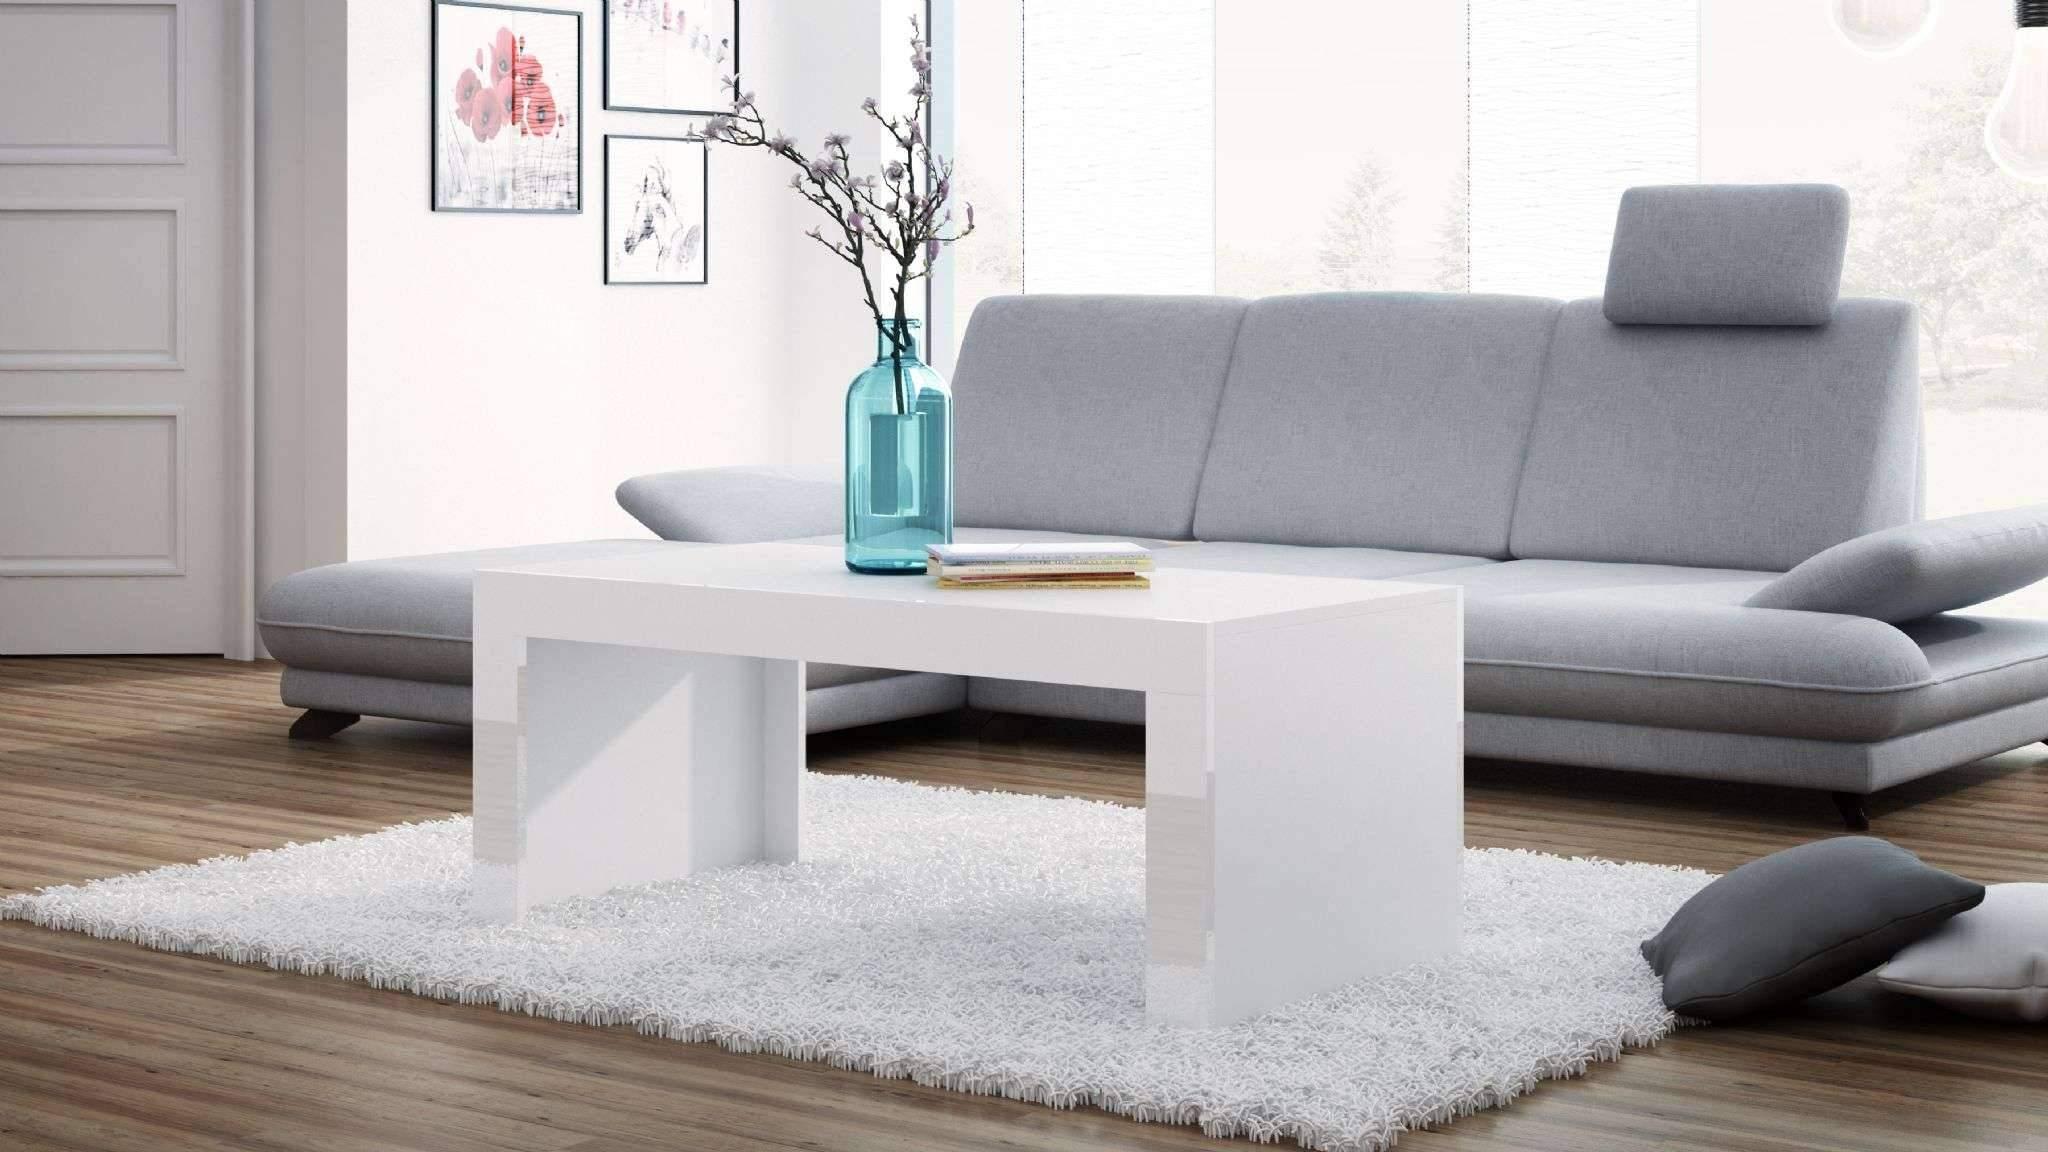 deko wohnzimmer selber machen genial best wohnzimmer deko selber machen inspirations of deko wohnzimmer selber machen